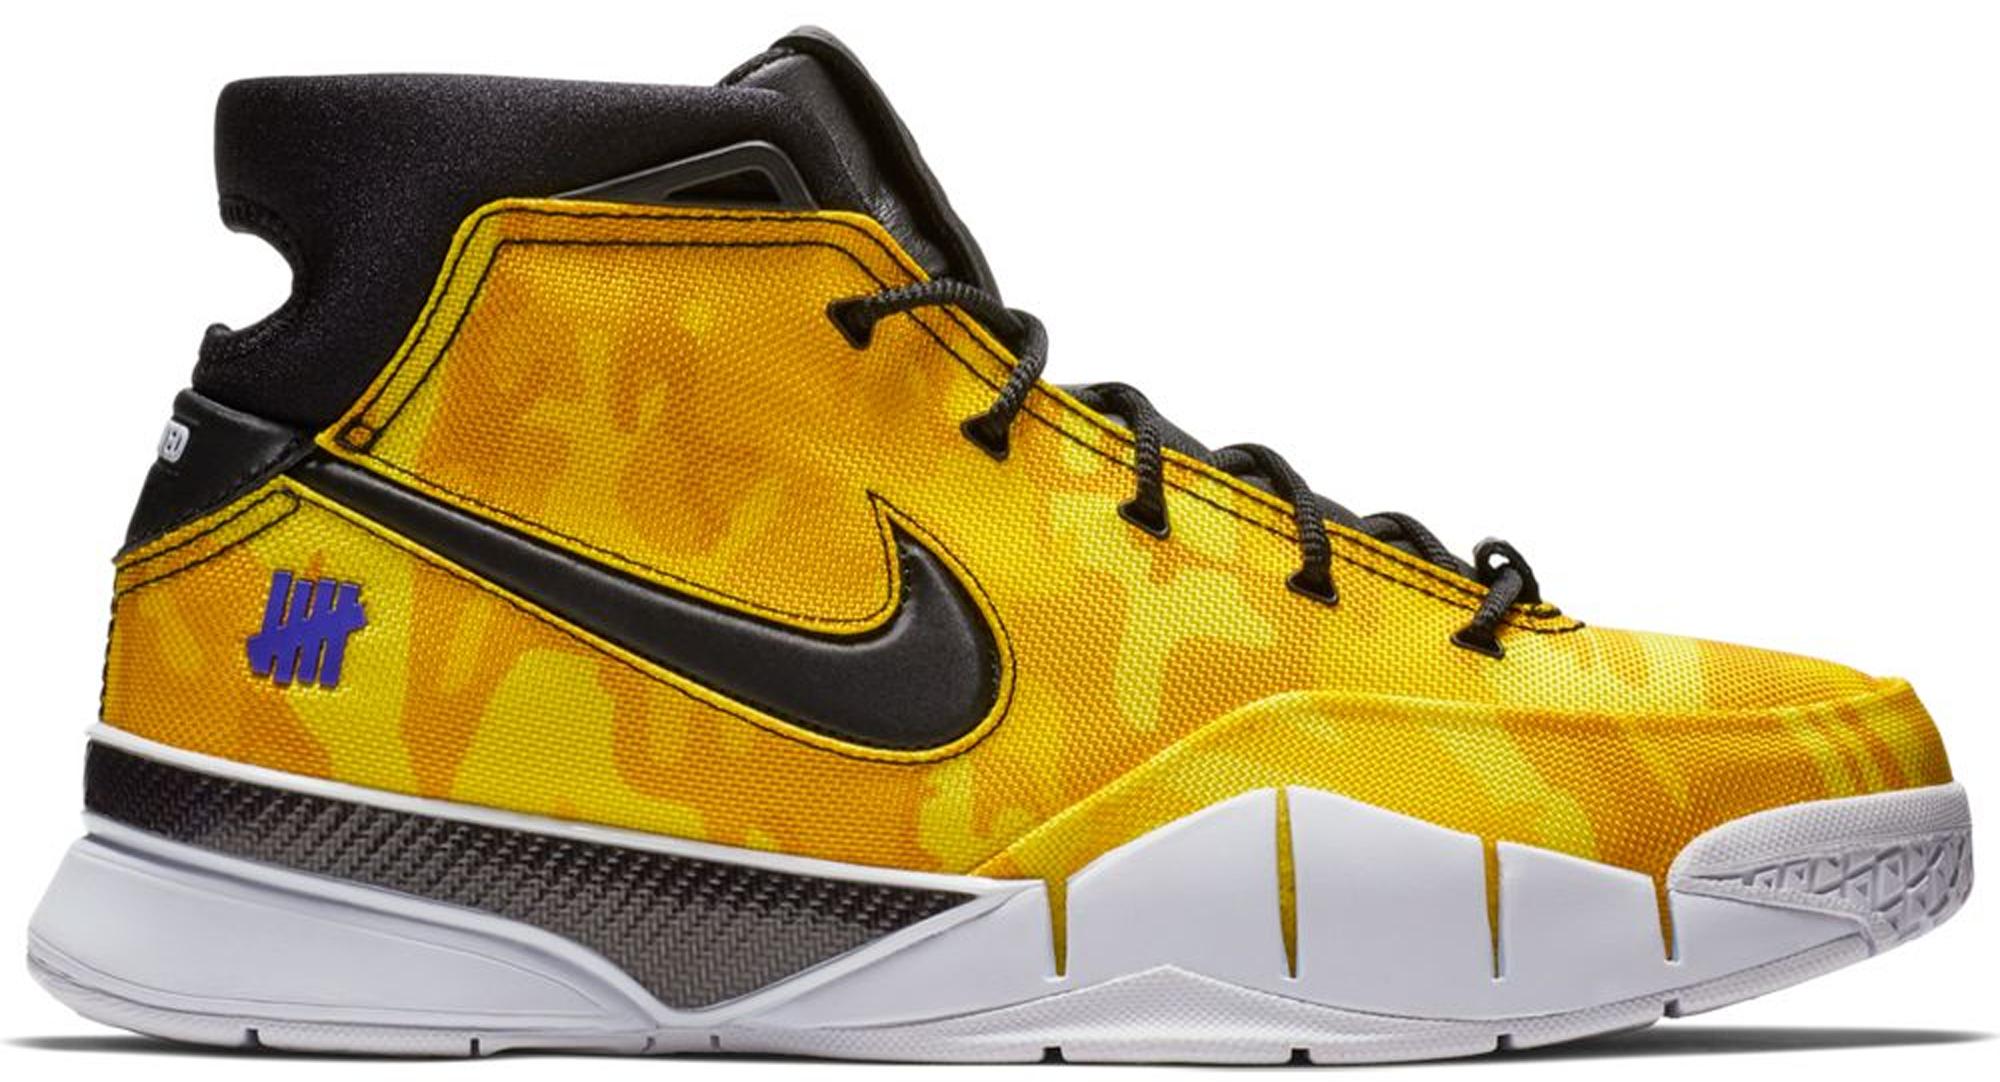 Nike Kobe 1 Protro Undefeated Yellow